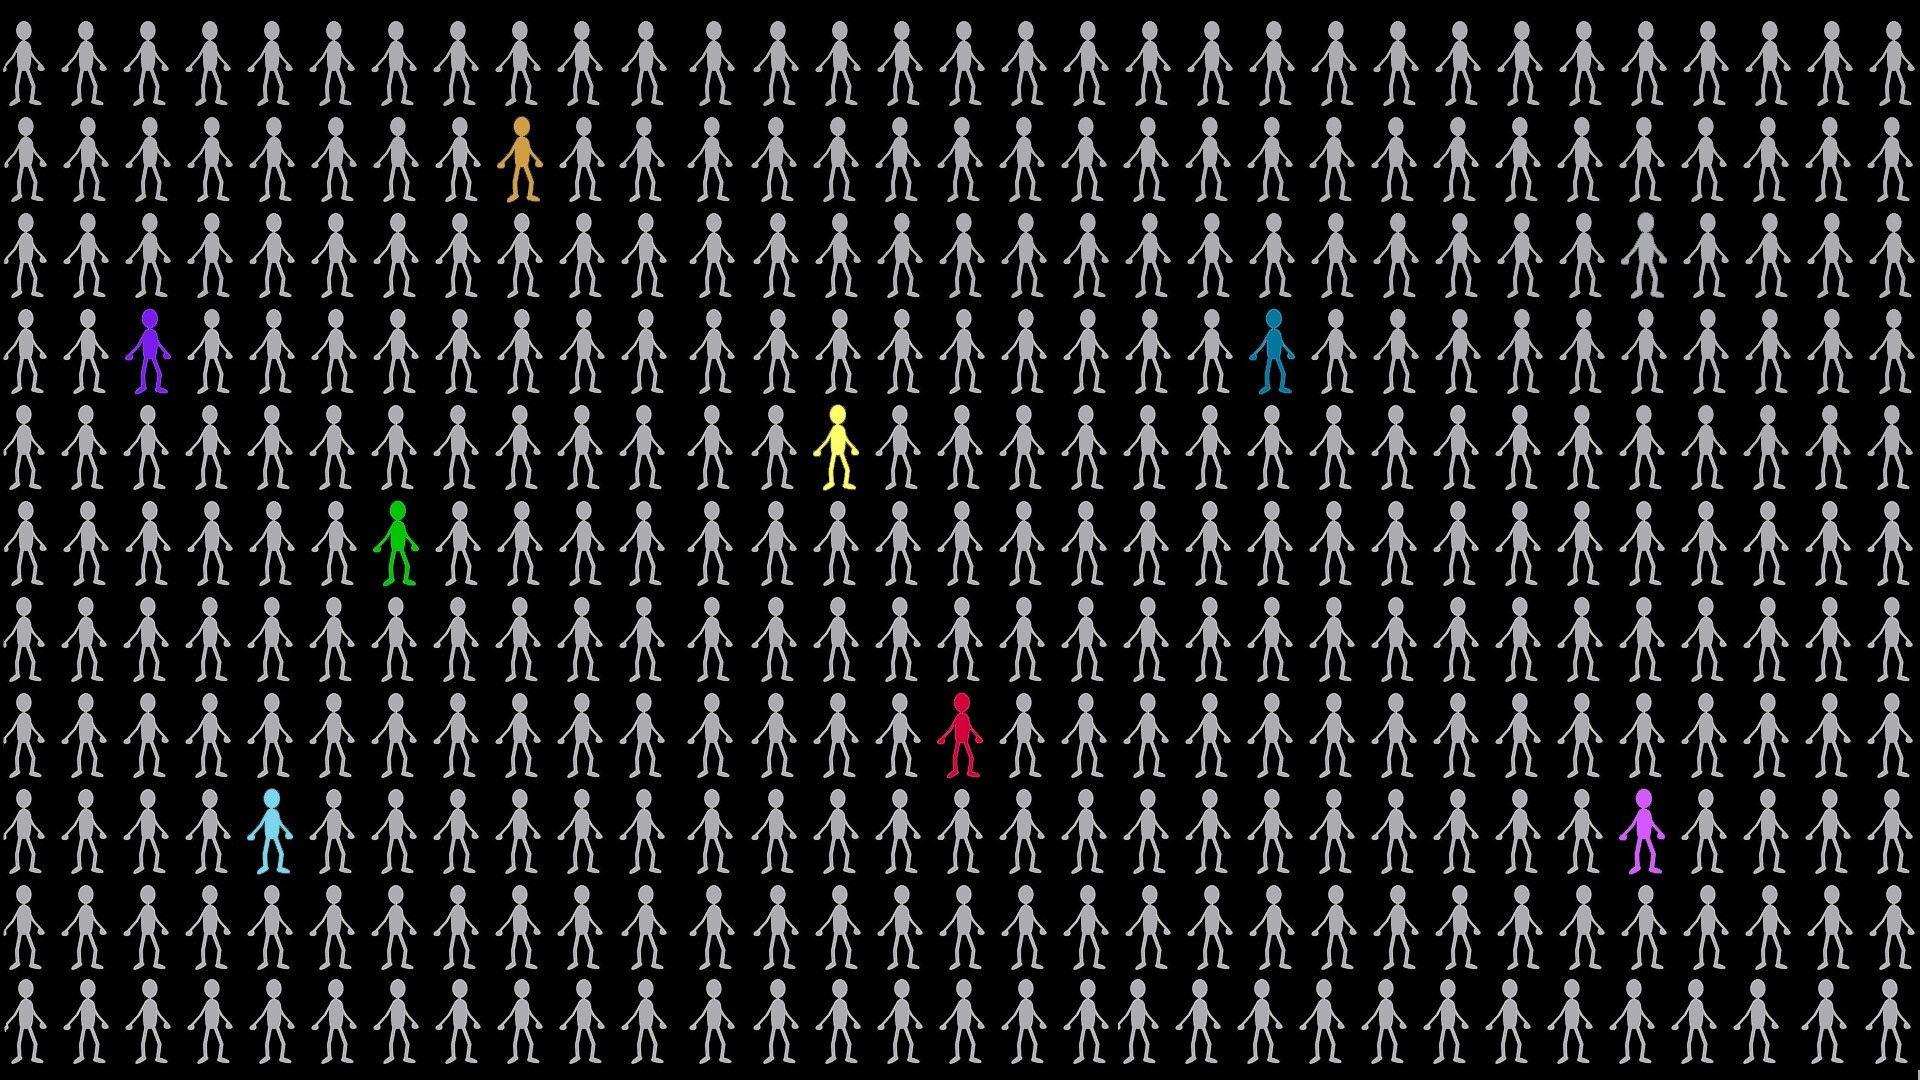 116892 обои 2160x3840 на телефон бесплатно, скачать картинки Люди, Фон, Текстуры, Рисунок, Человечки 2160x3840 на мобильный